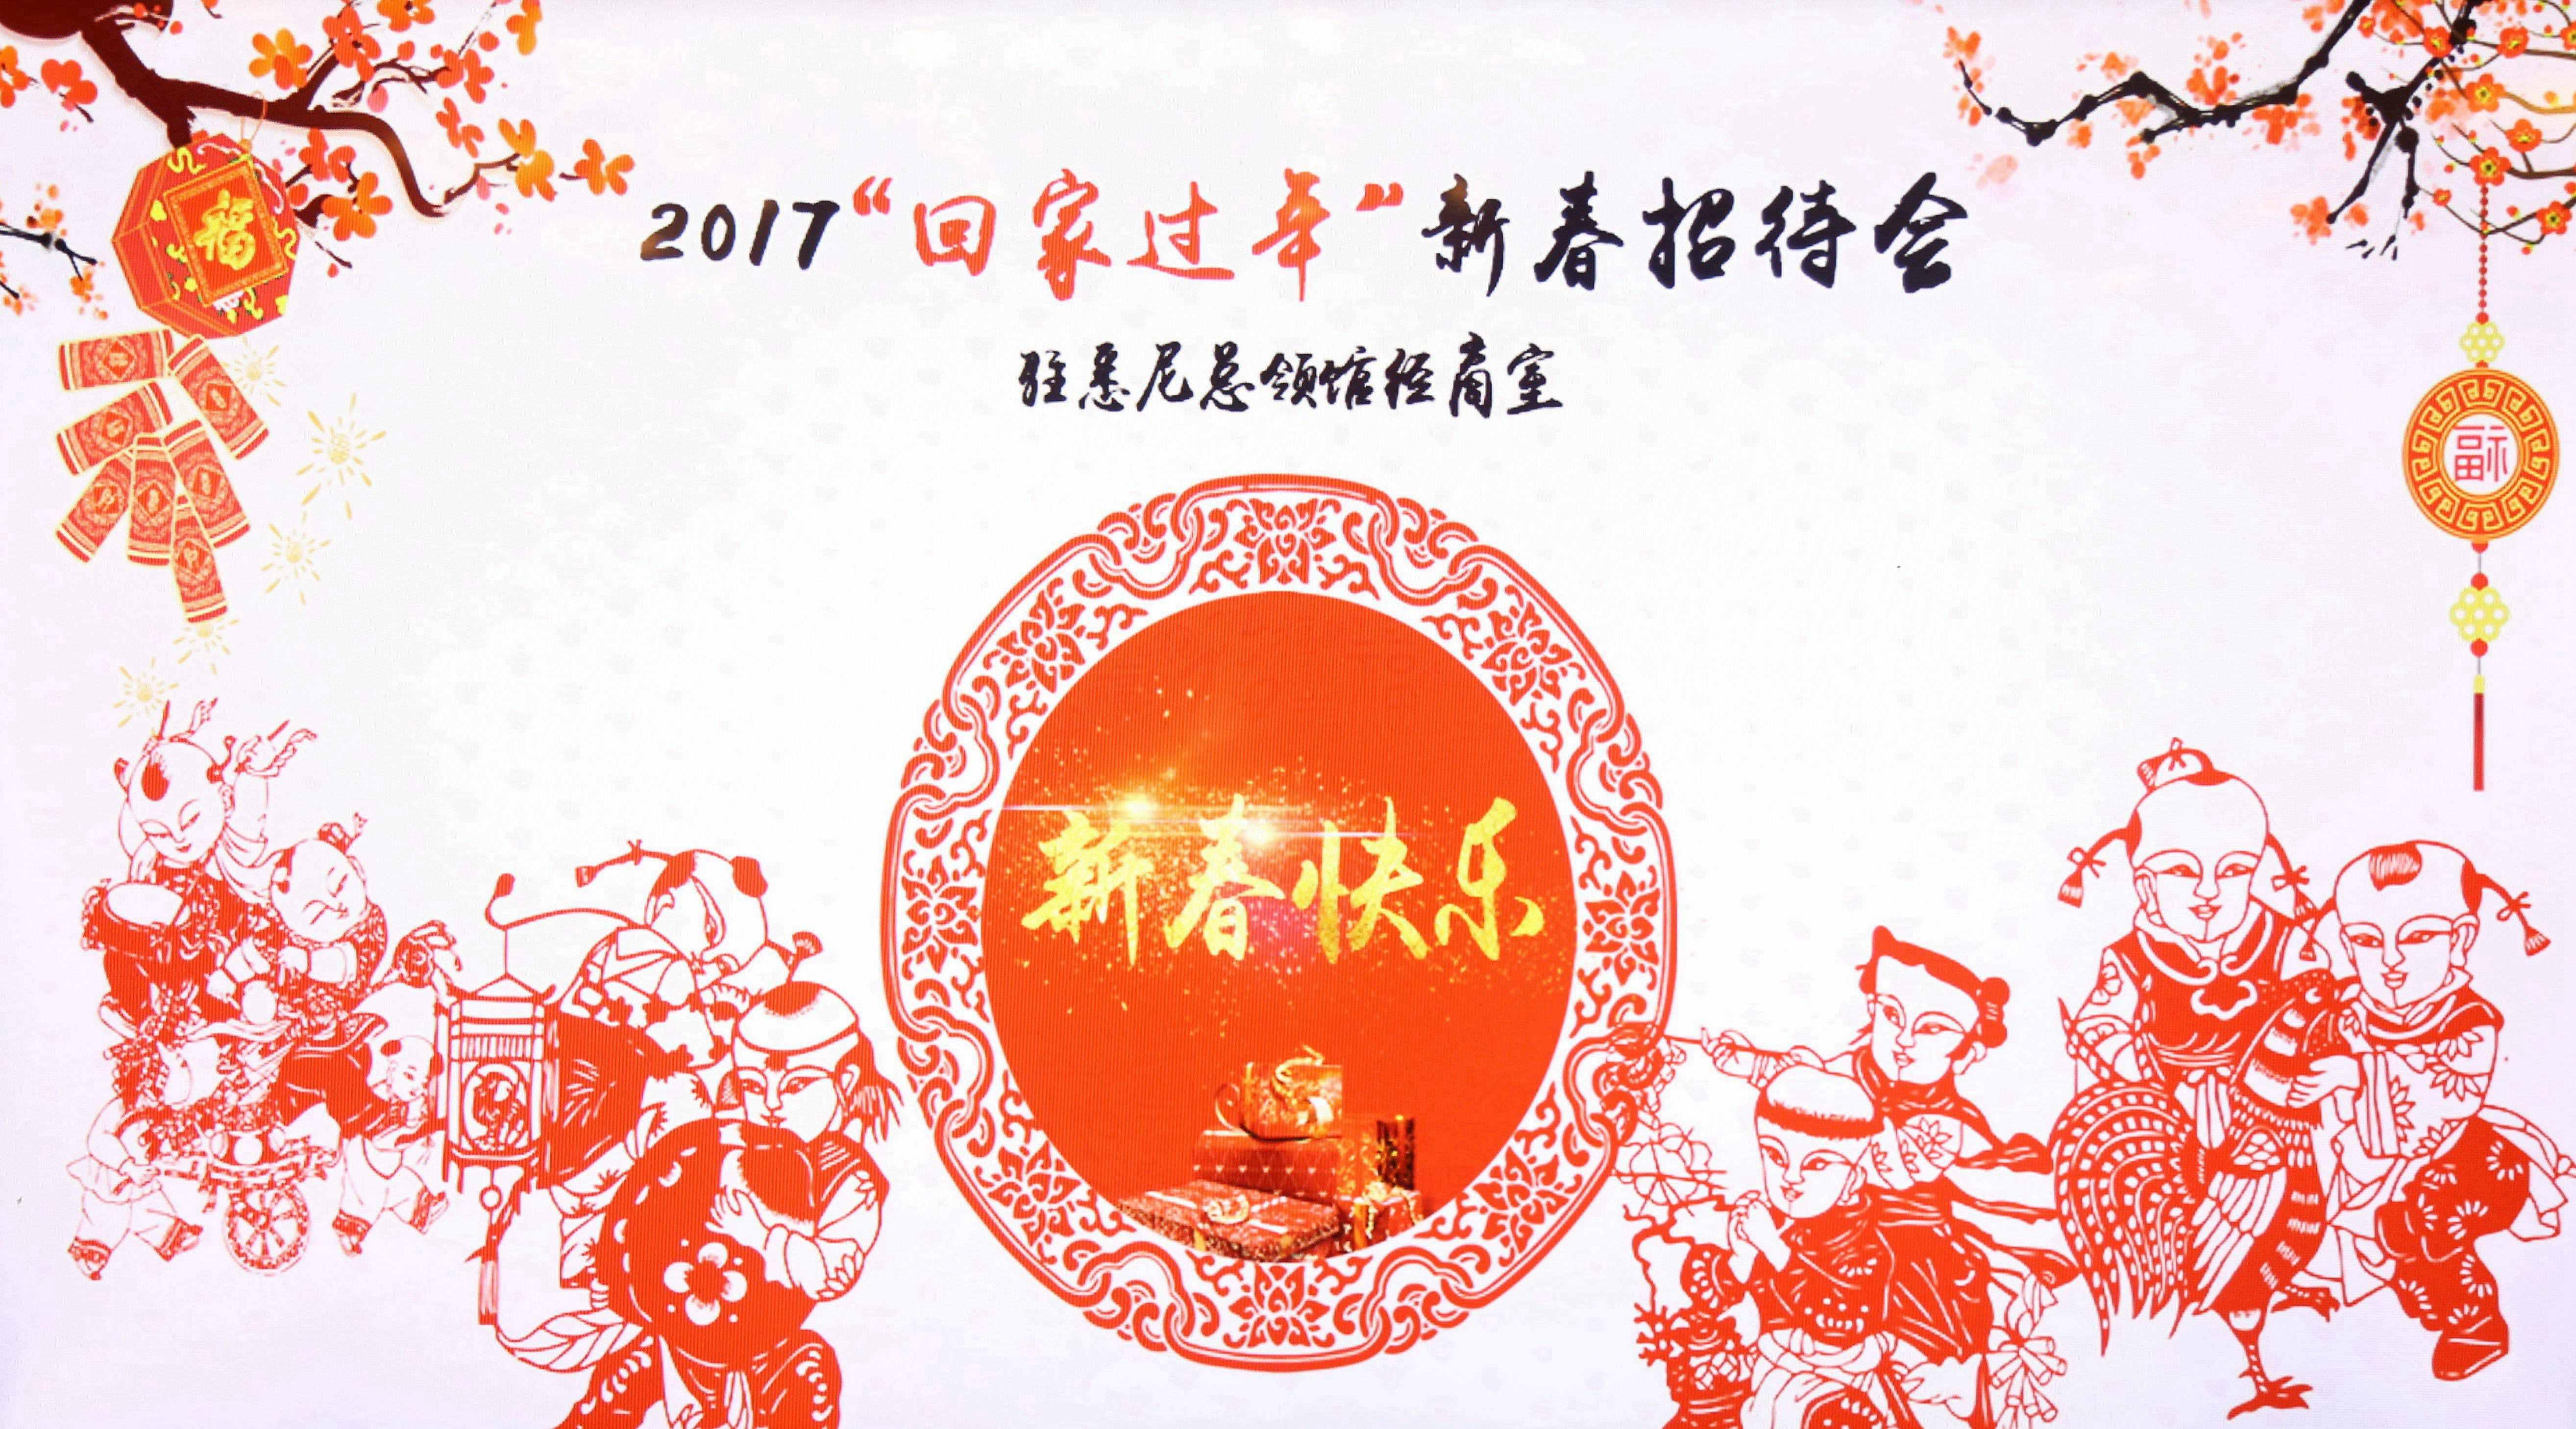 2017春节祝福手绘图片